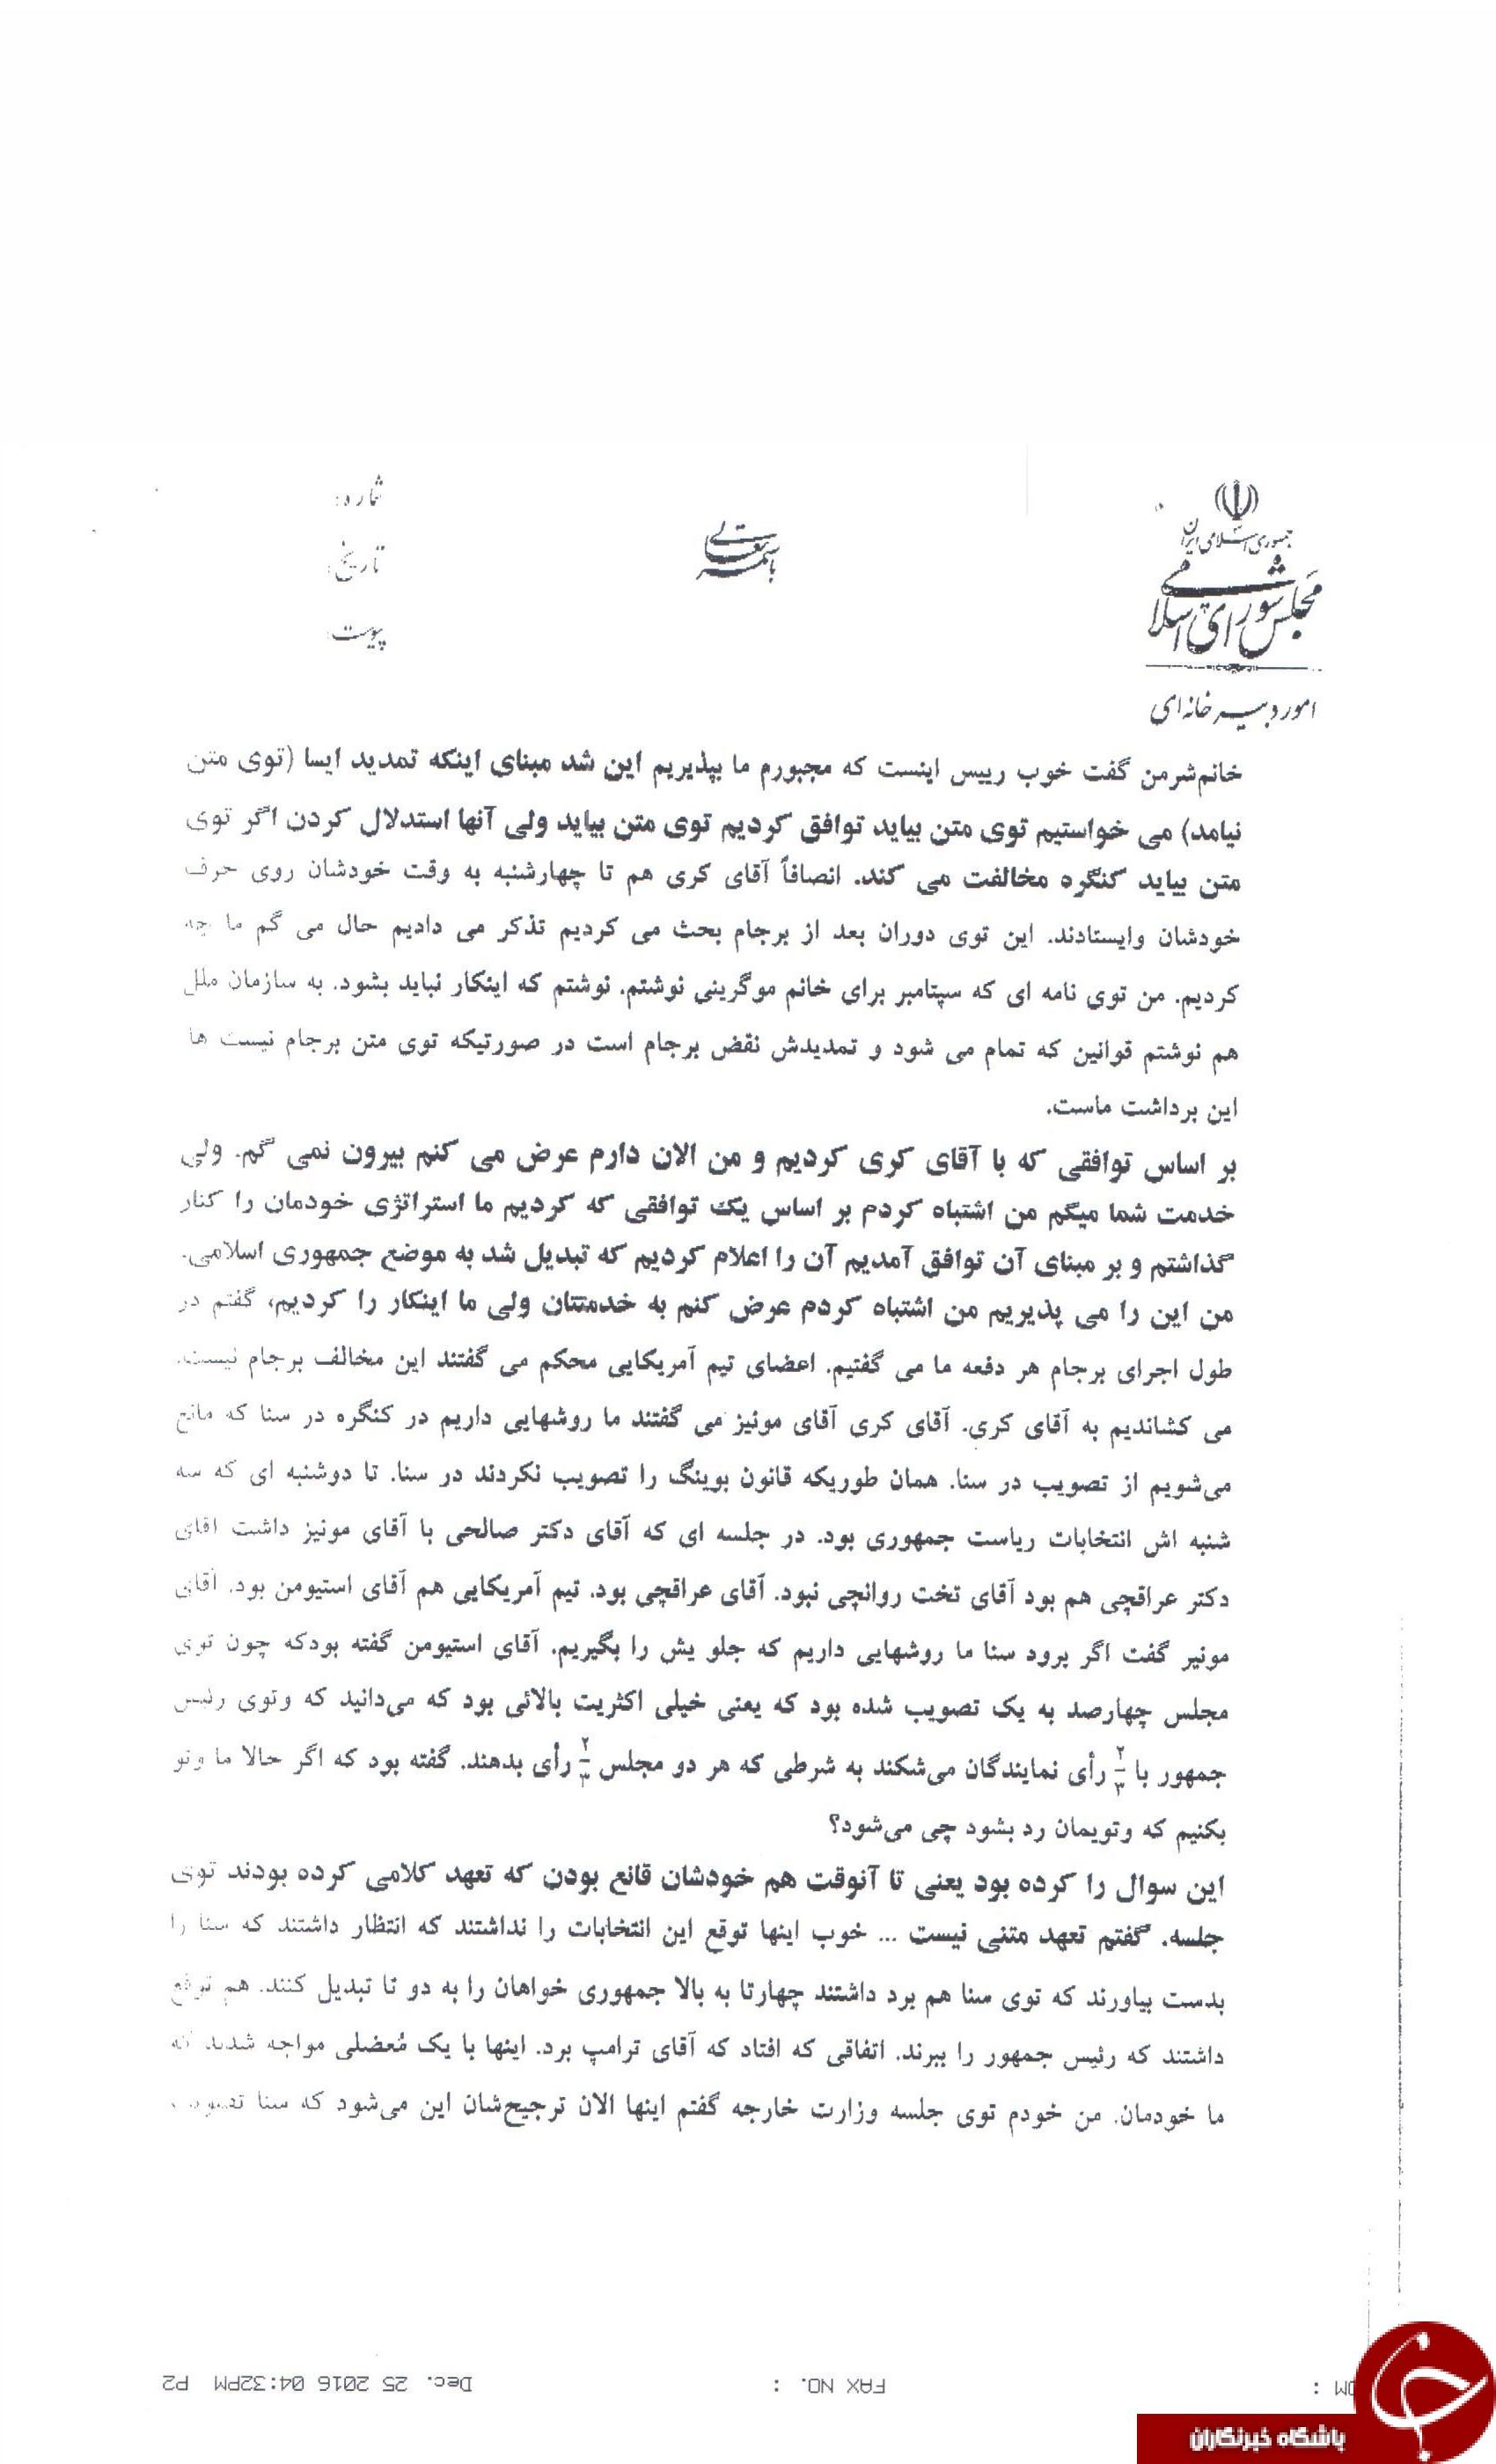 متن مکتوب اظهارات ظریف در مجلس توزیع شد+ تصاویر متن و امضاها